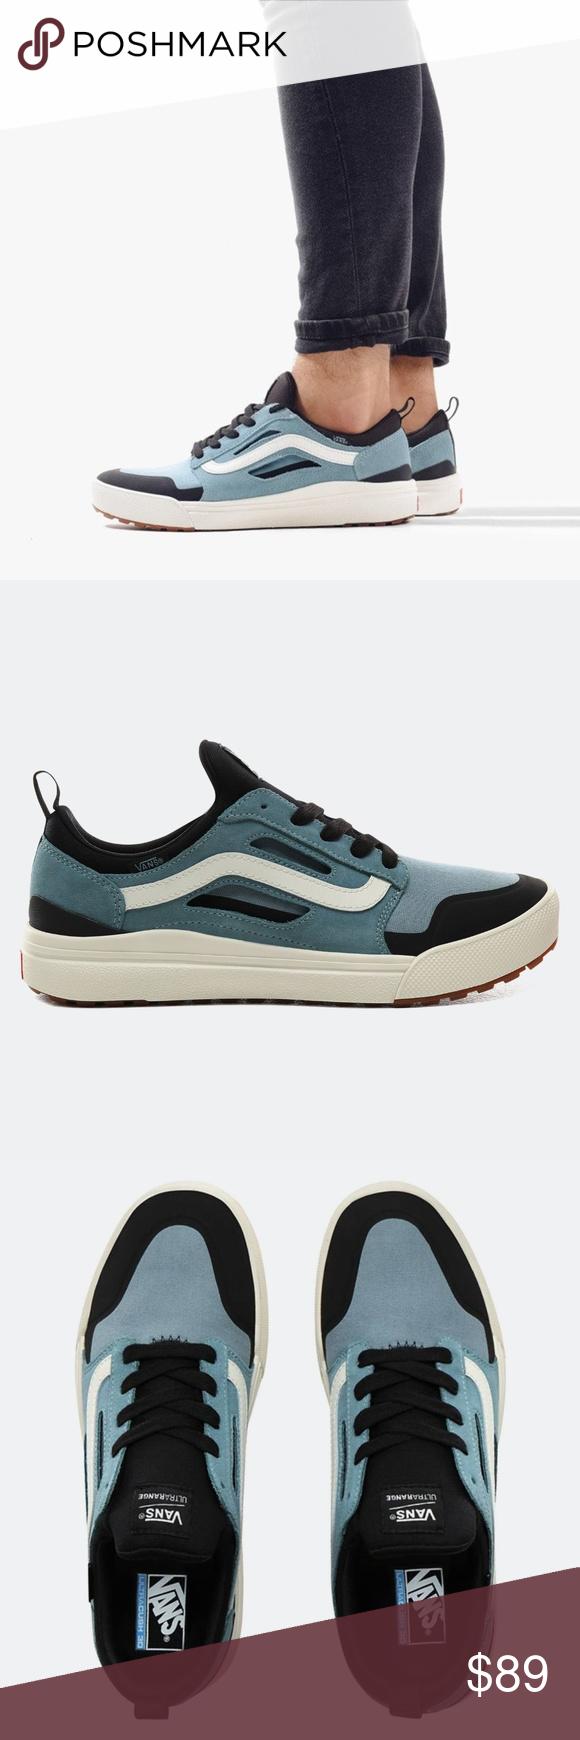 Vans ULTRARANGE 3D SKATE Shoes Men's